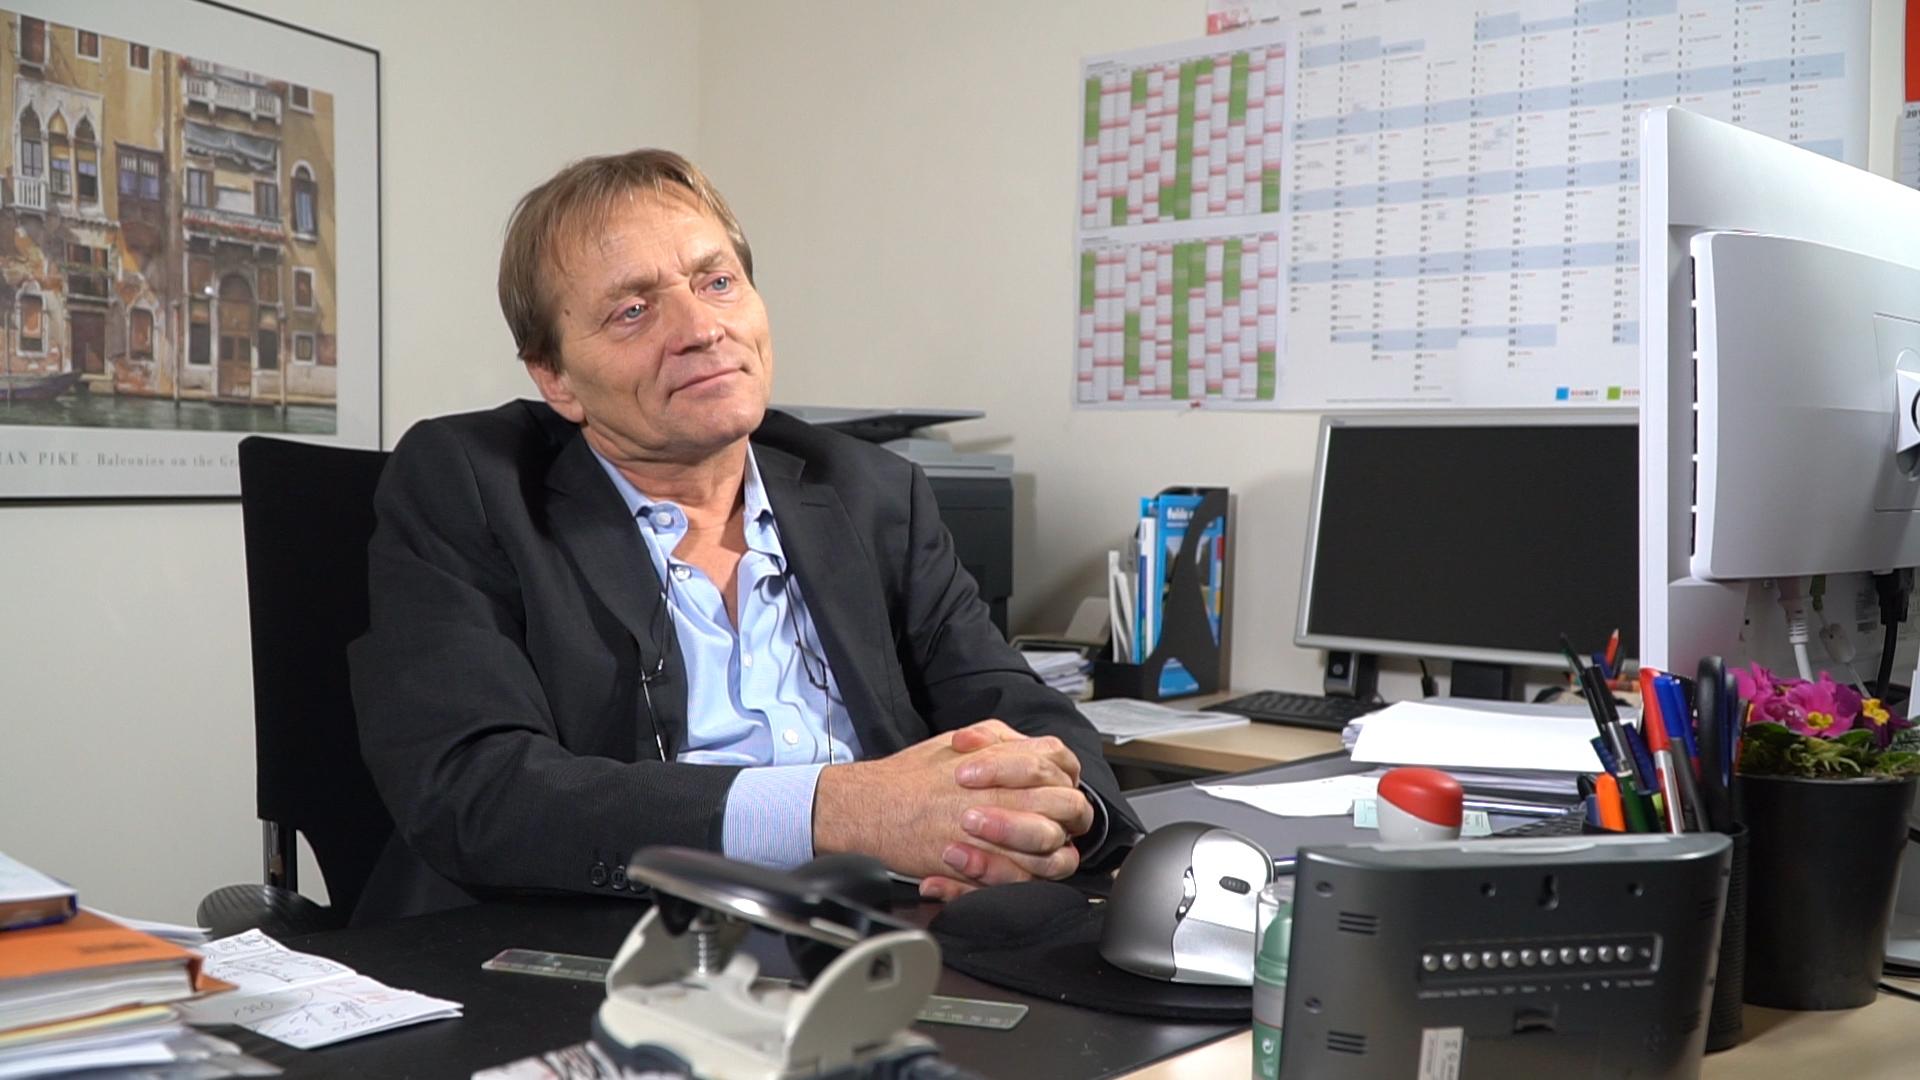 Christoph Schmidt hat sich viele Jahre um die Sorgen der Bewohner des Aschenbergs gekümmert.